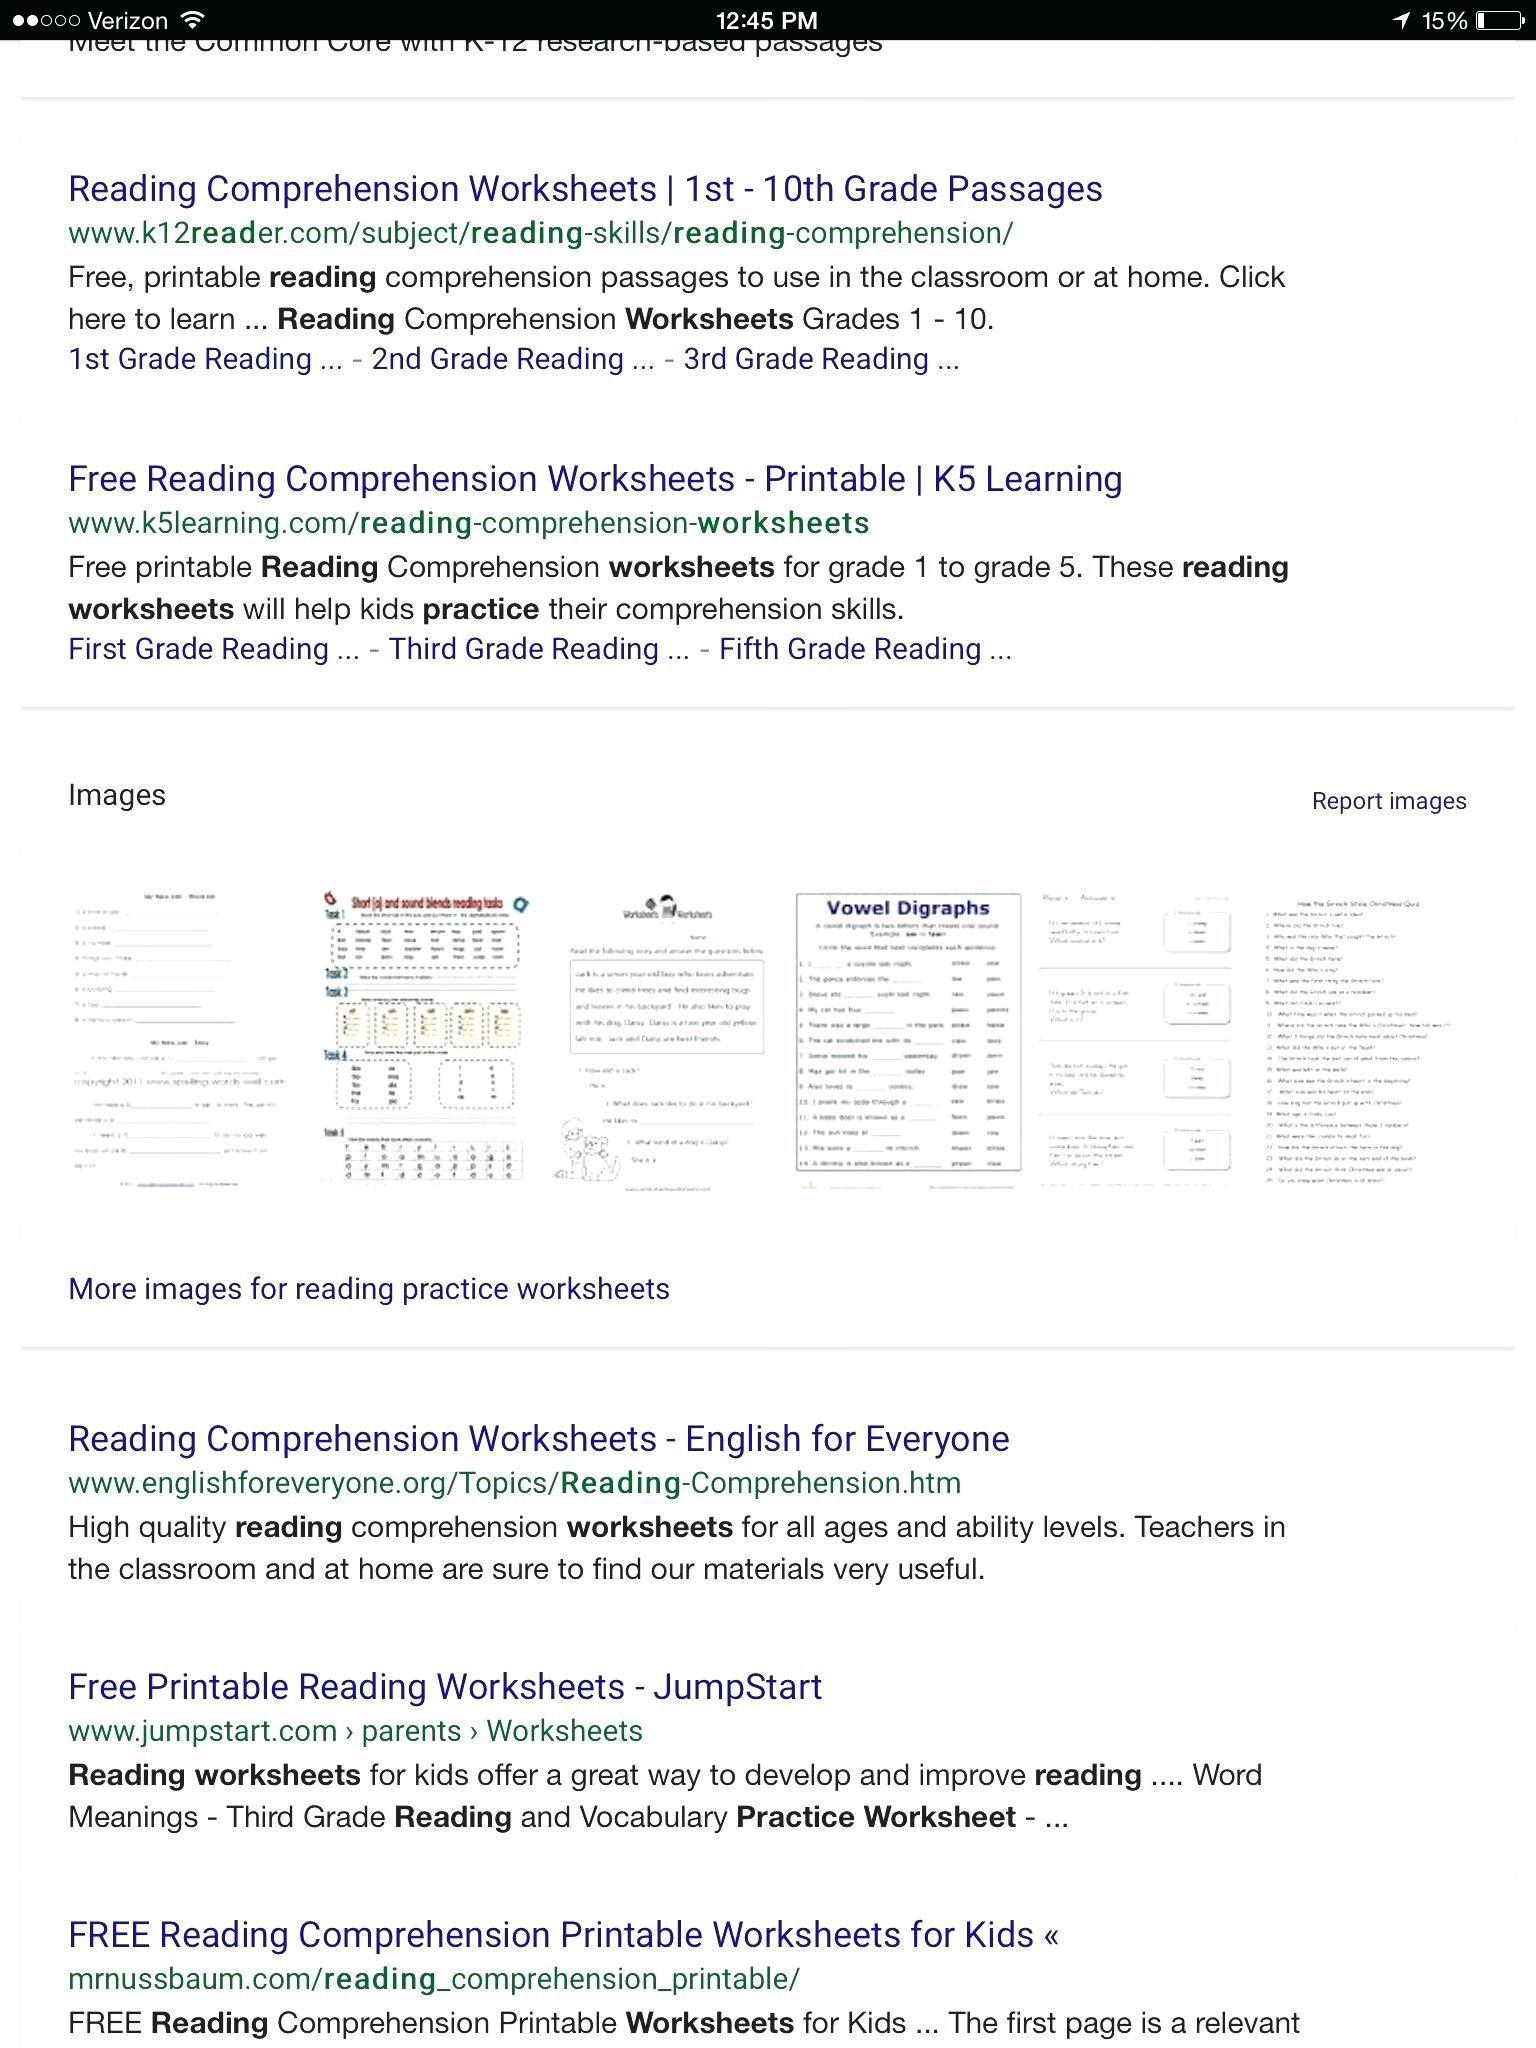 3 Spelling Worksheets Third Grade 3 Spelling Words In